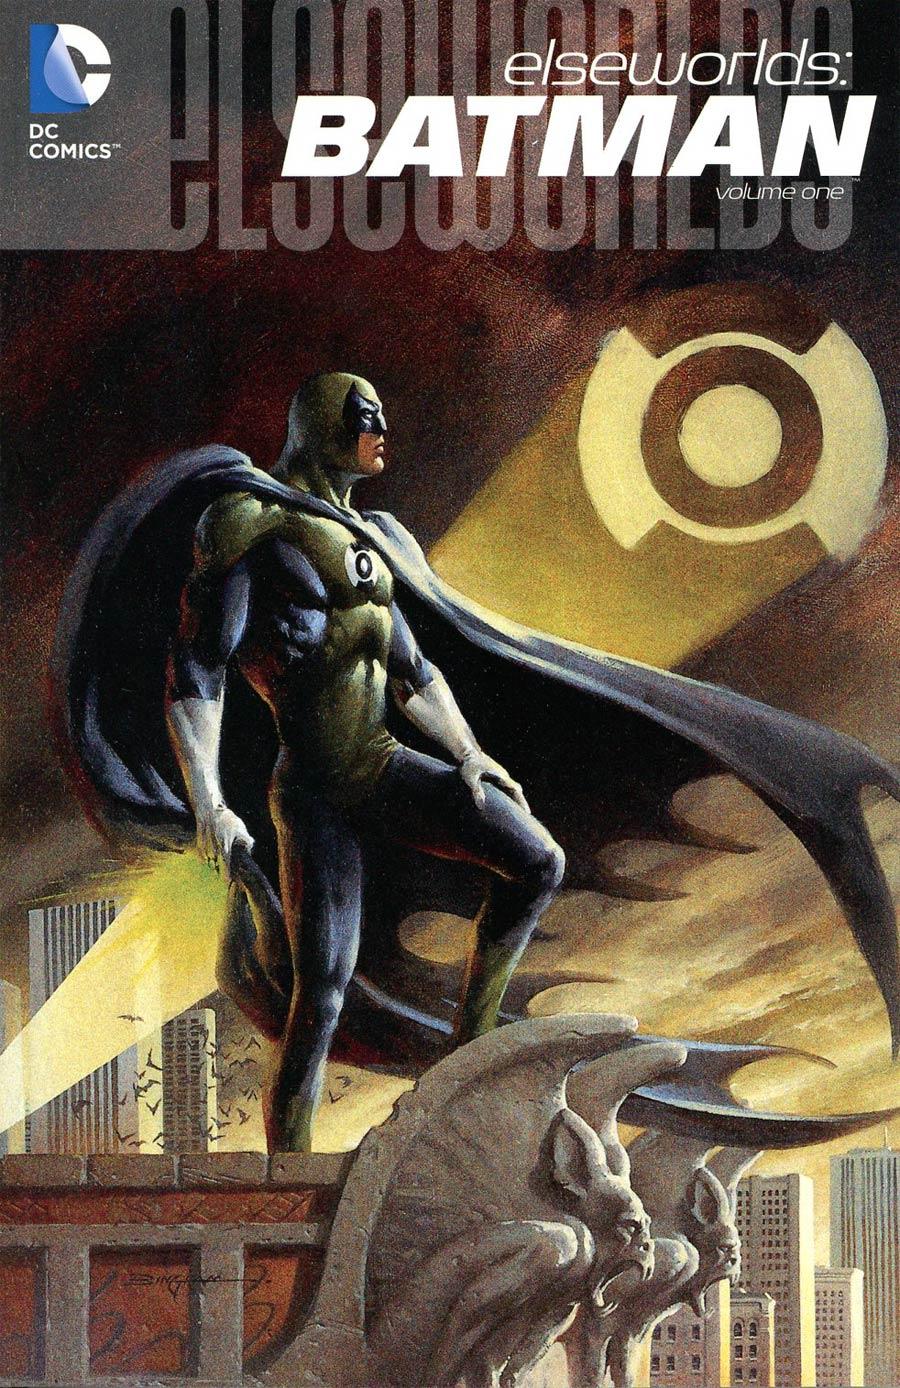 Elseworlds Batman Vol 1 TP